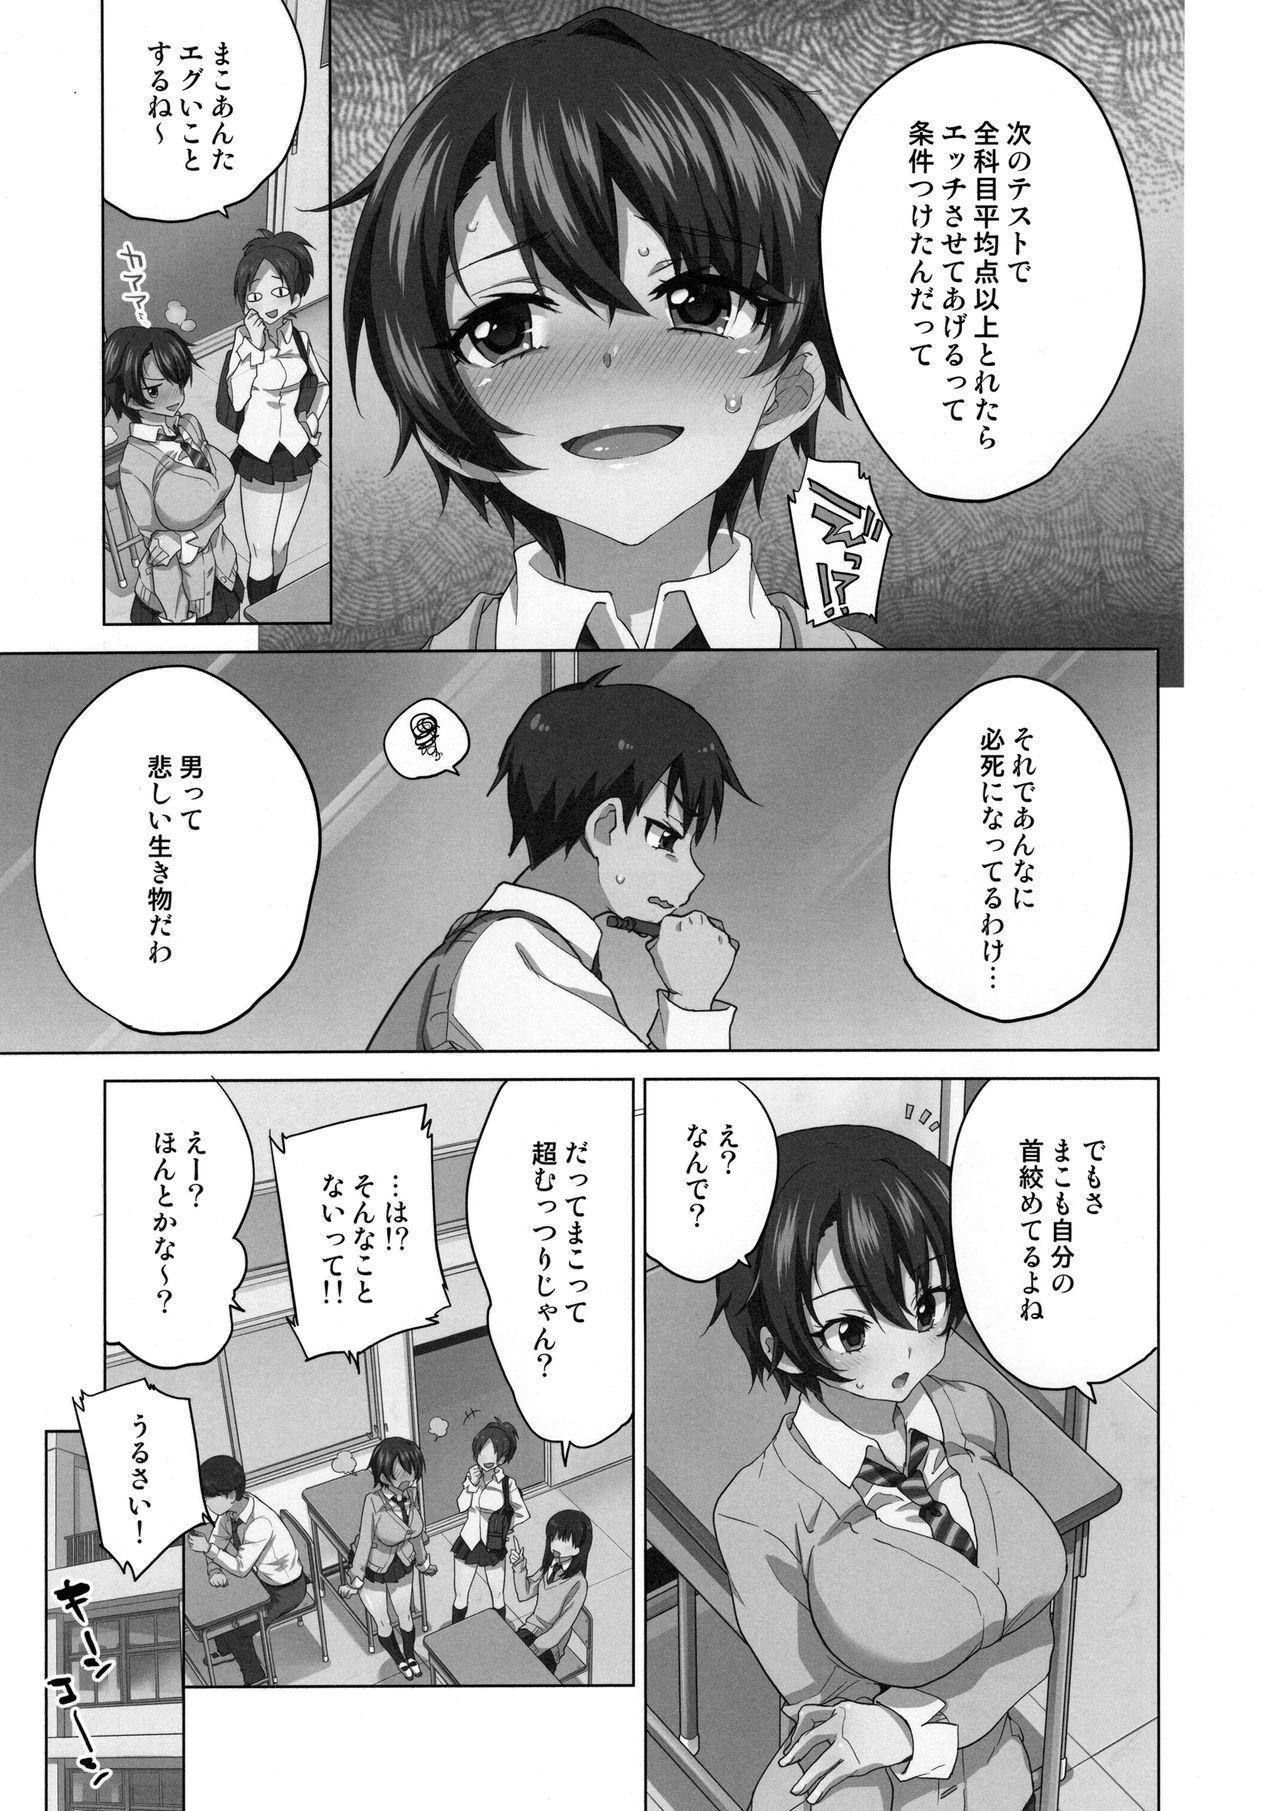 Mako-chan Kaihatsu Nikki Preview Monochro Ban 15